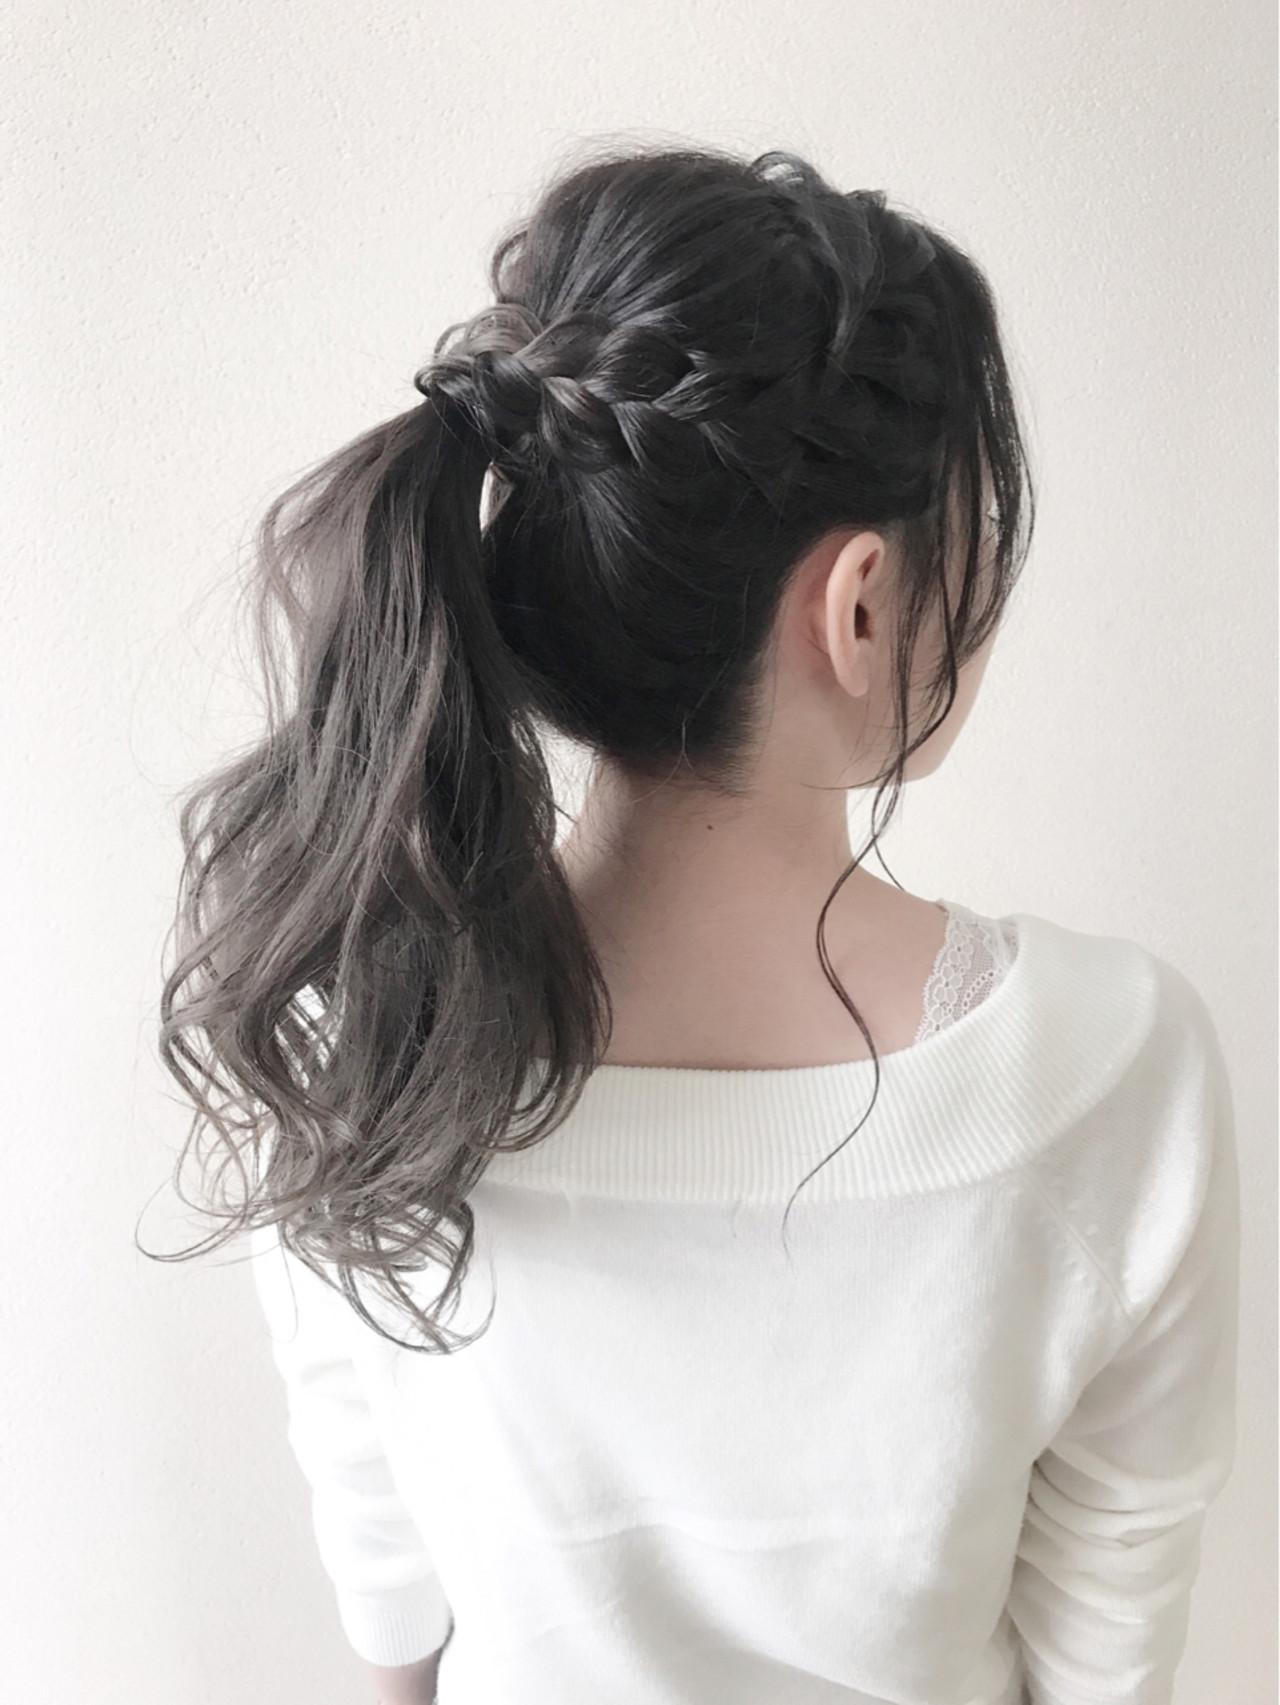 最強のモテ髪!三つ編みカチューシャポニーテール 沢田 瞳